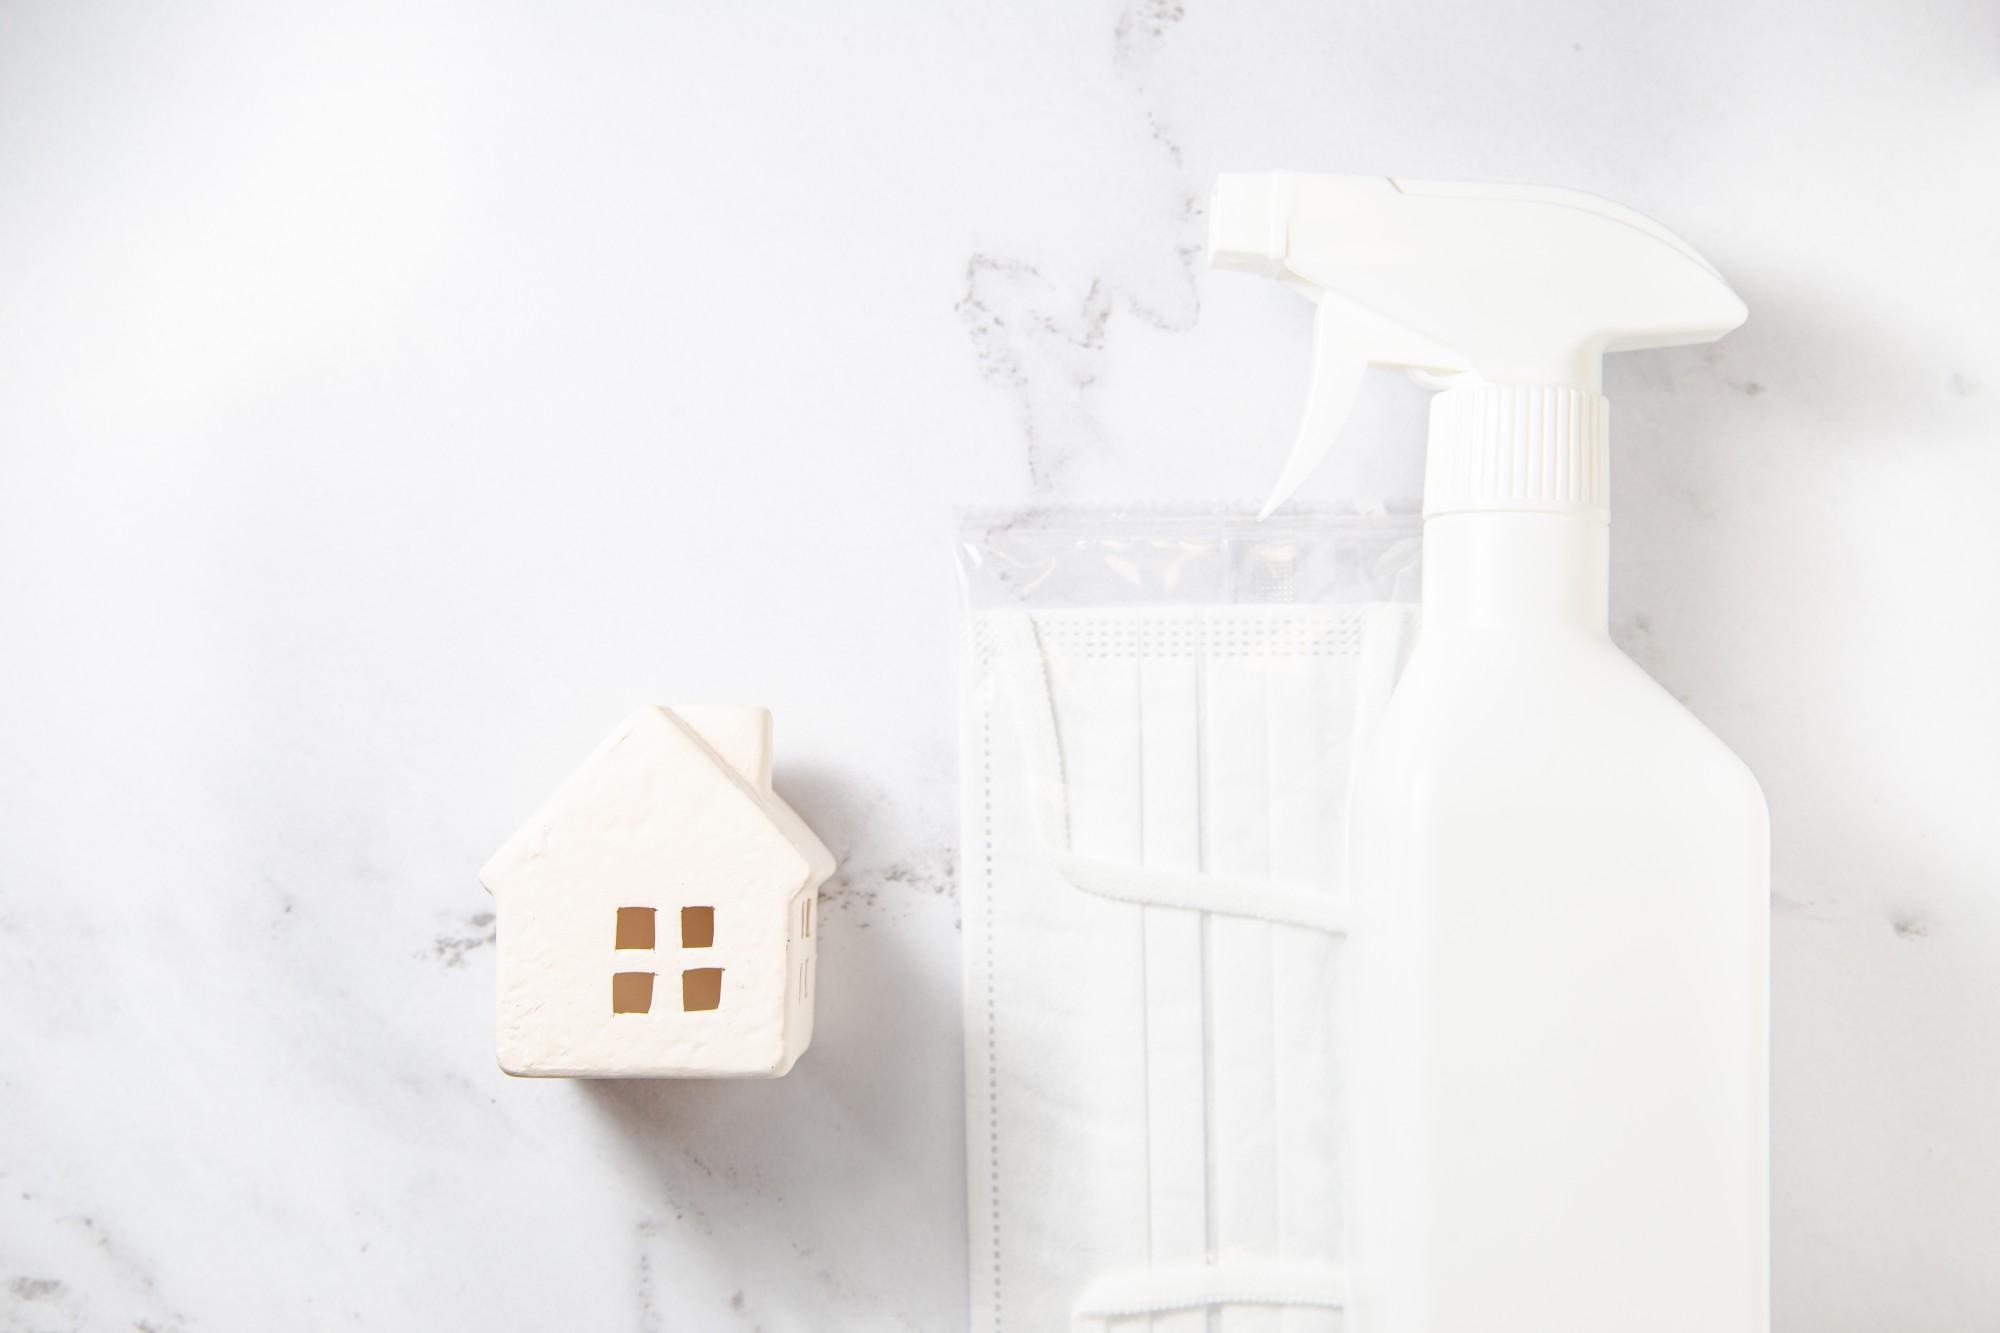 Bezpieczeństwo Kupujących i Najemców, czyli jak prezentujemy nieruchomości